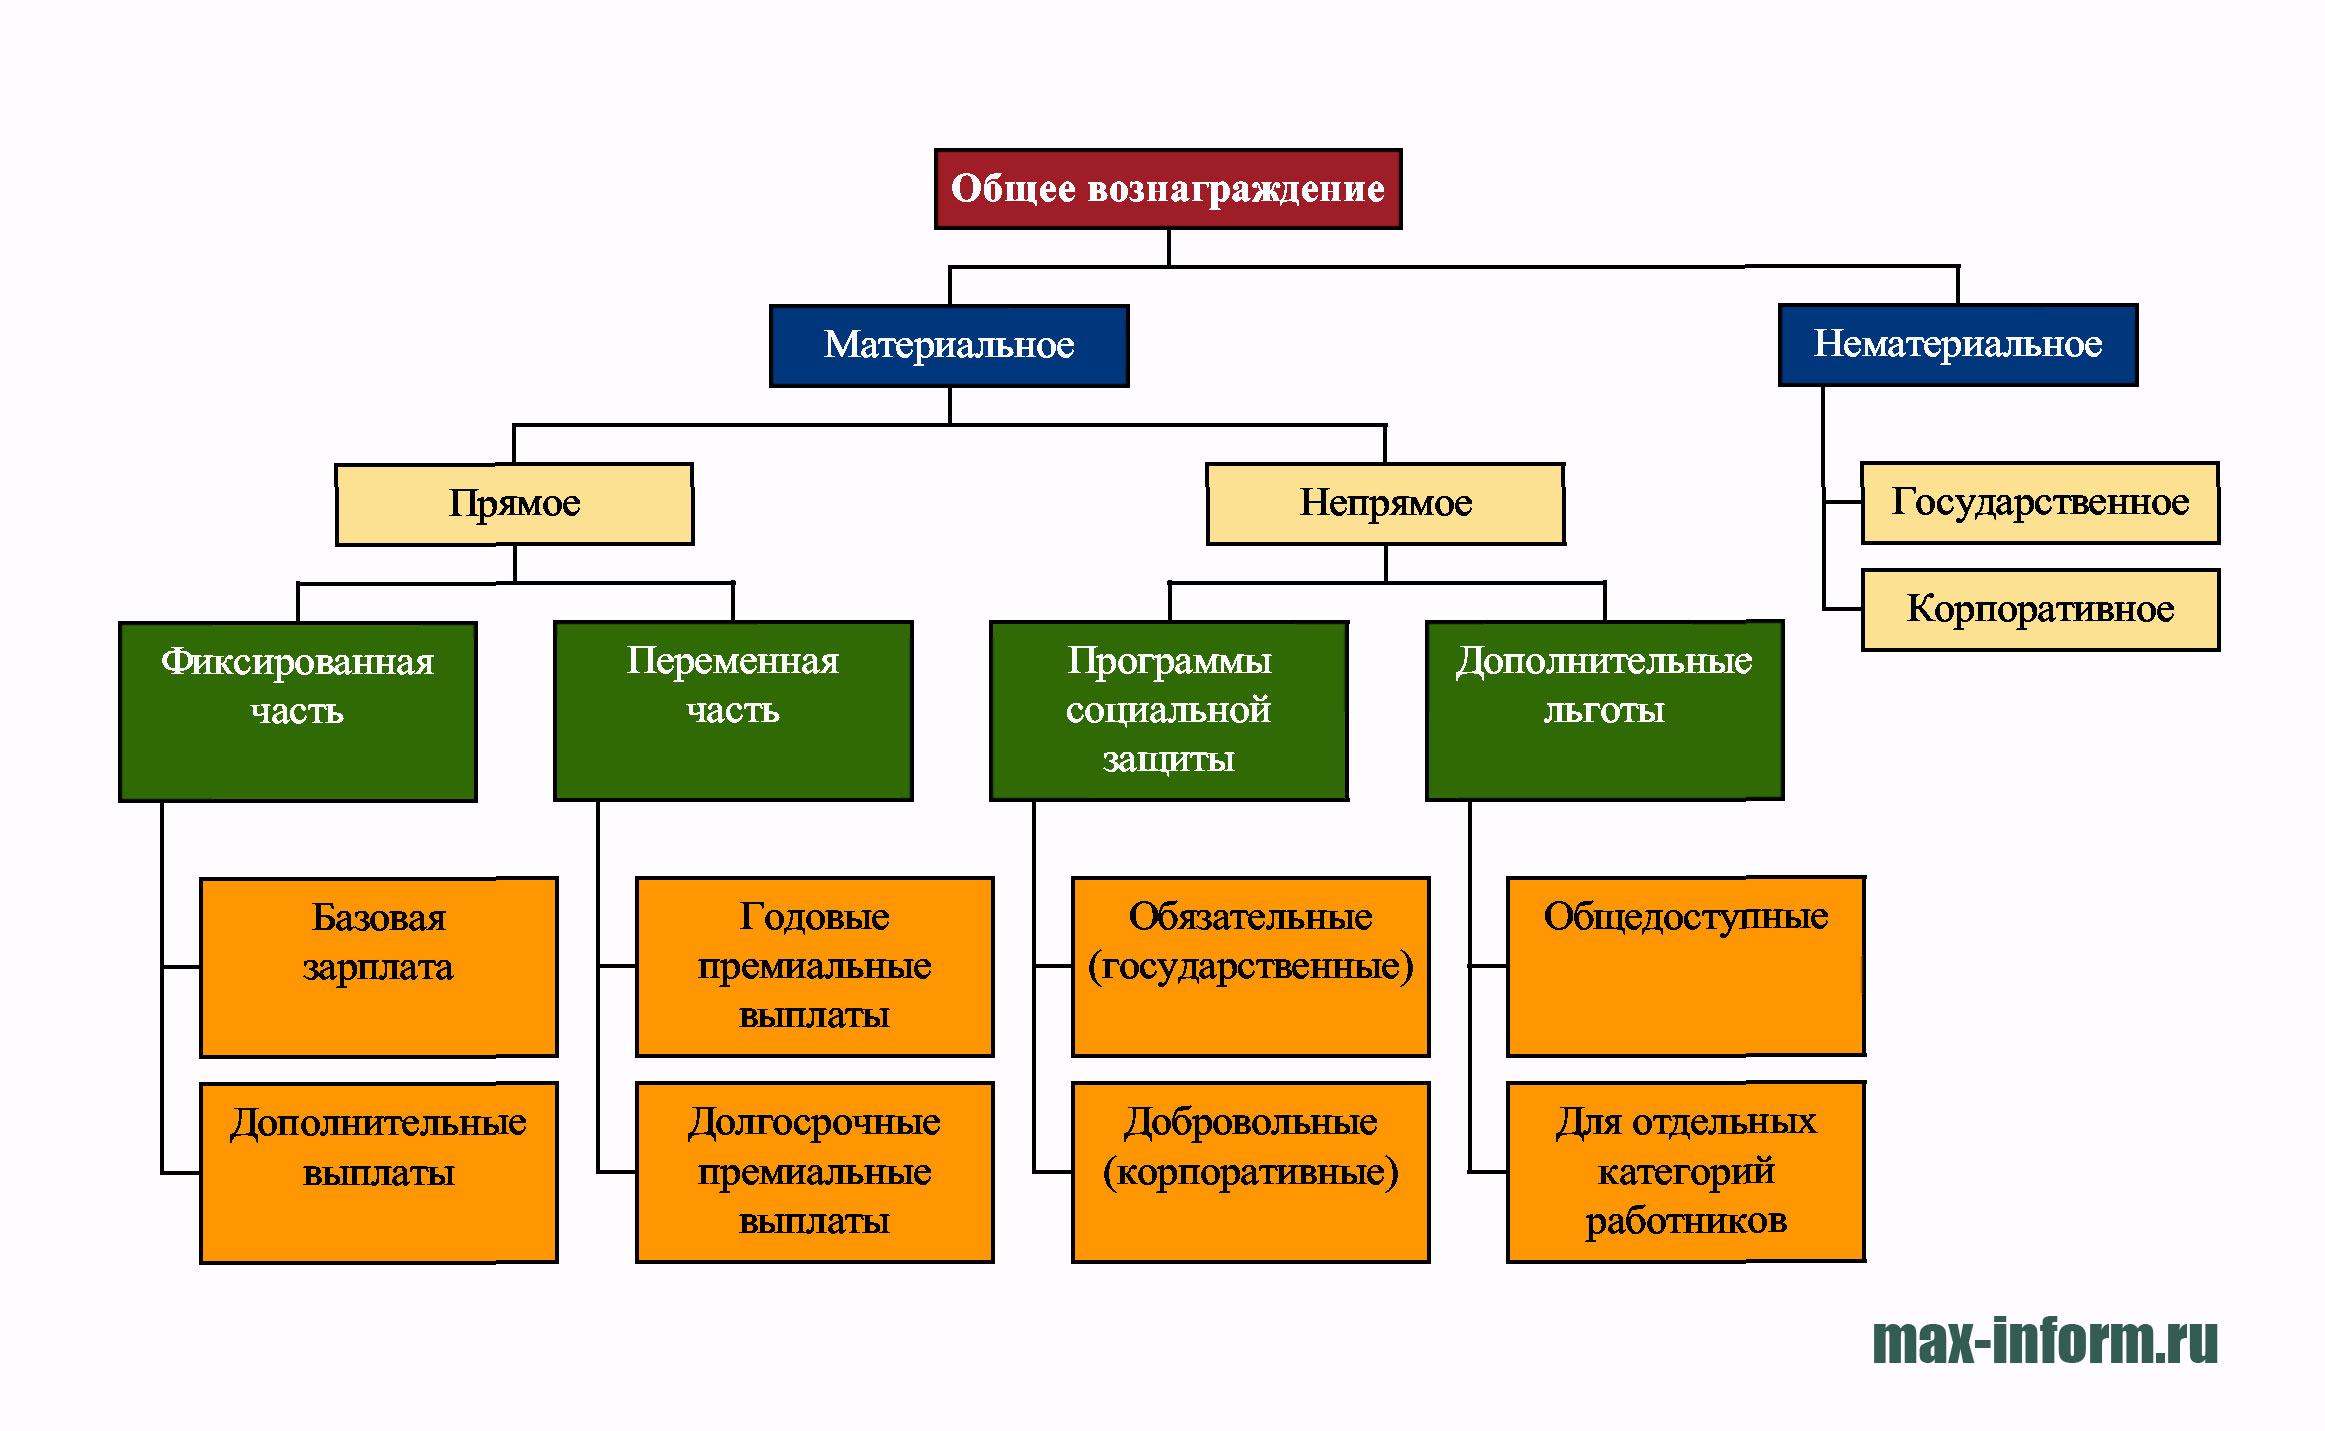 инфографика Общее вознаграждение